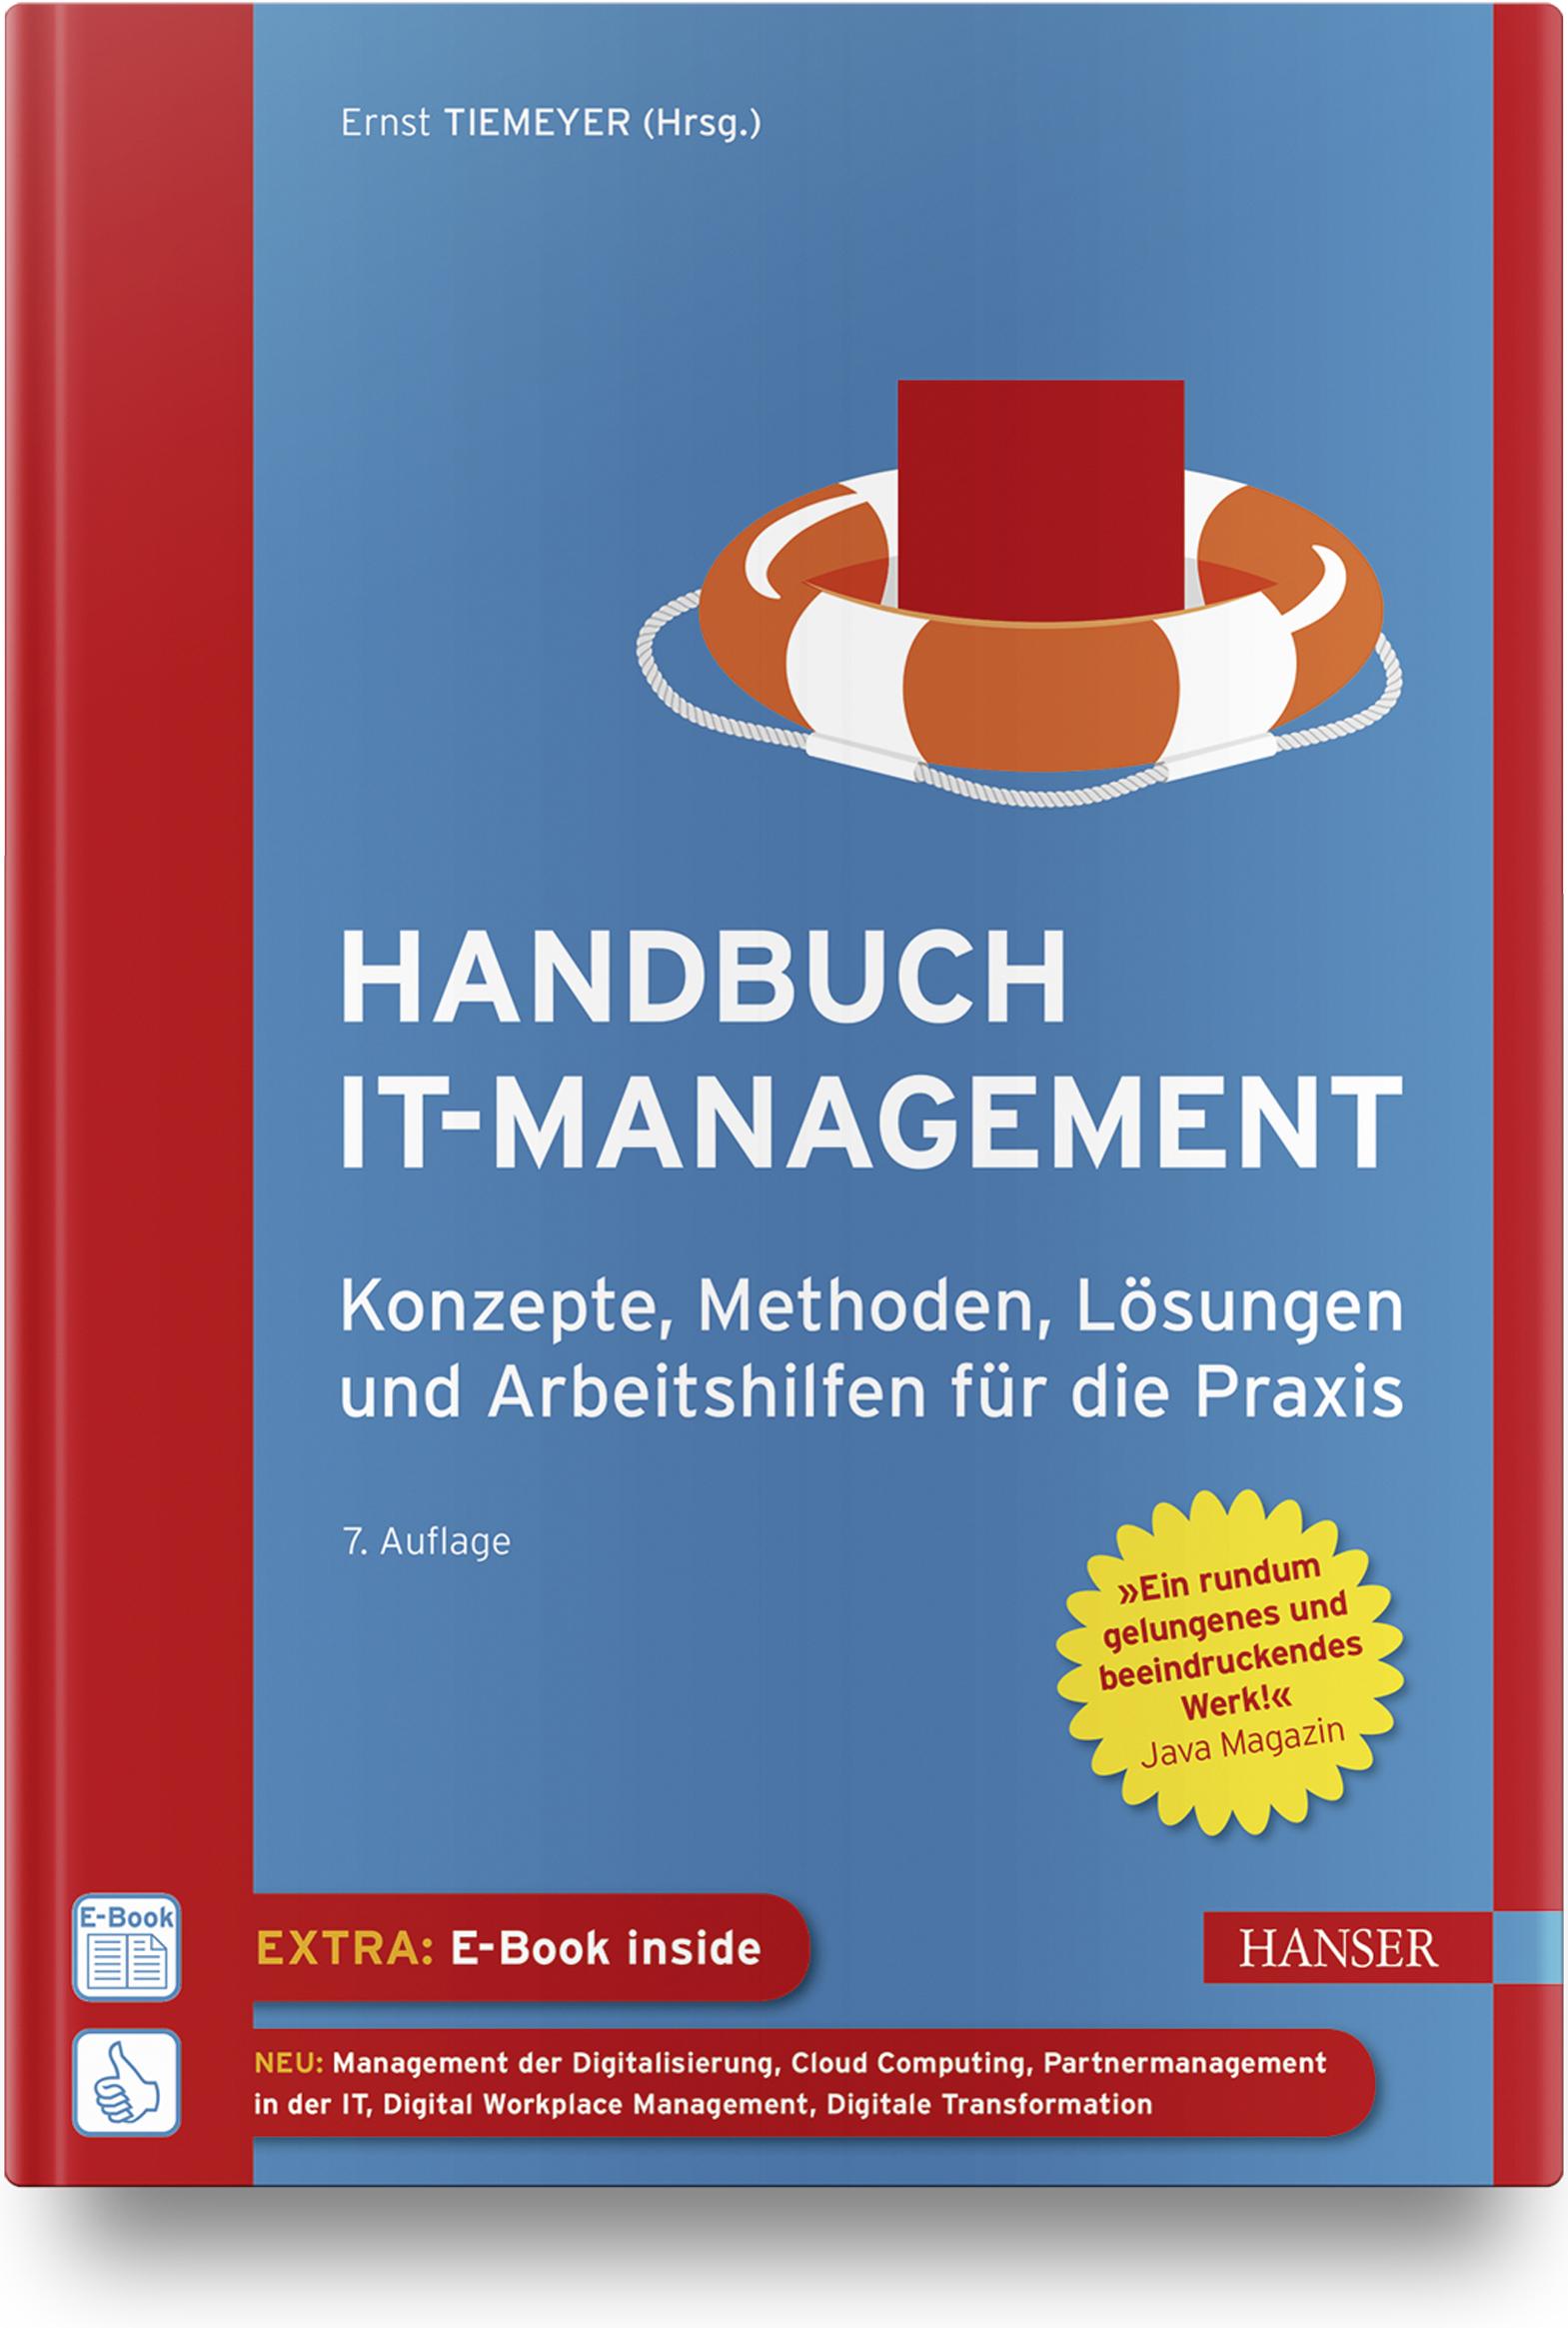 Handbuch IT-Management, 978-3-446-46184-0